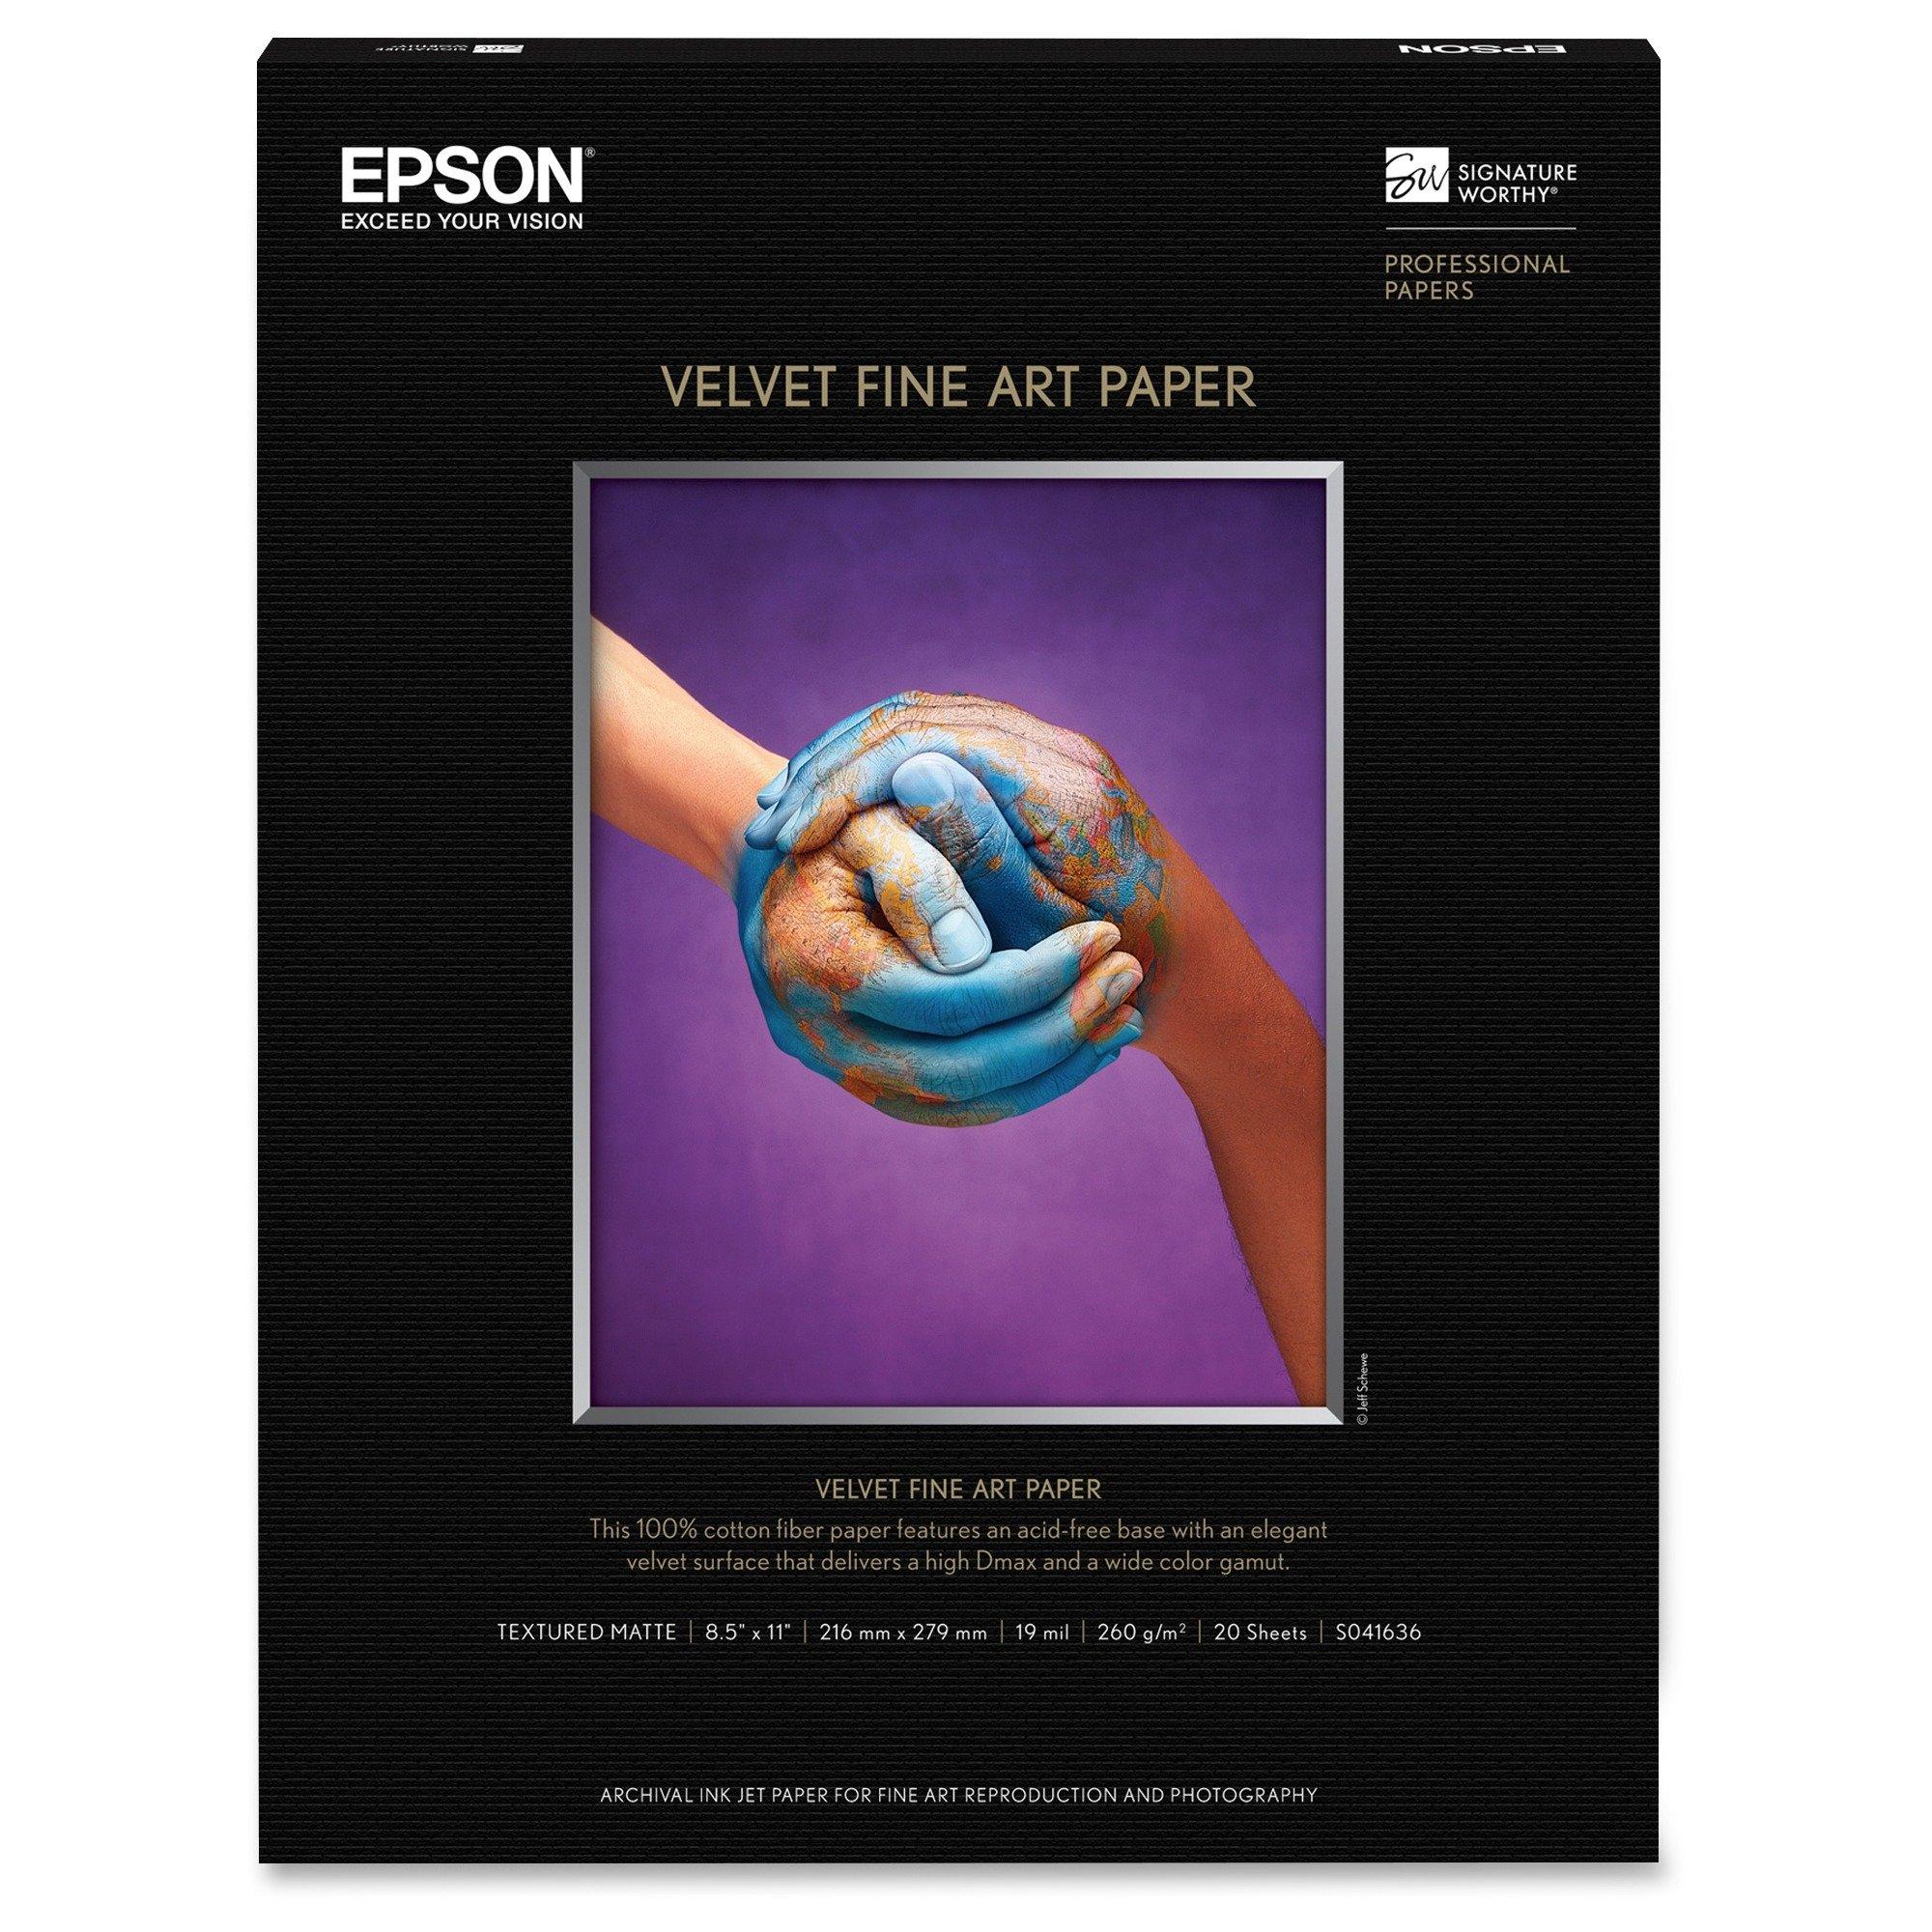 Epson America S041636 Velvet Fine Art Paper